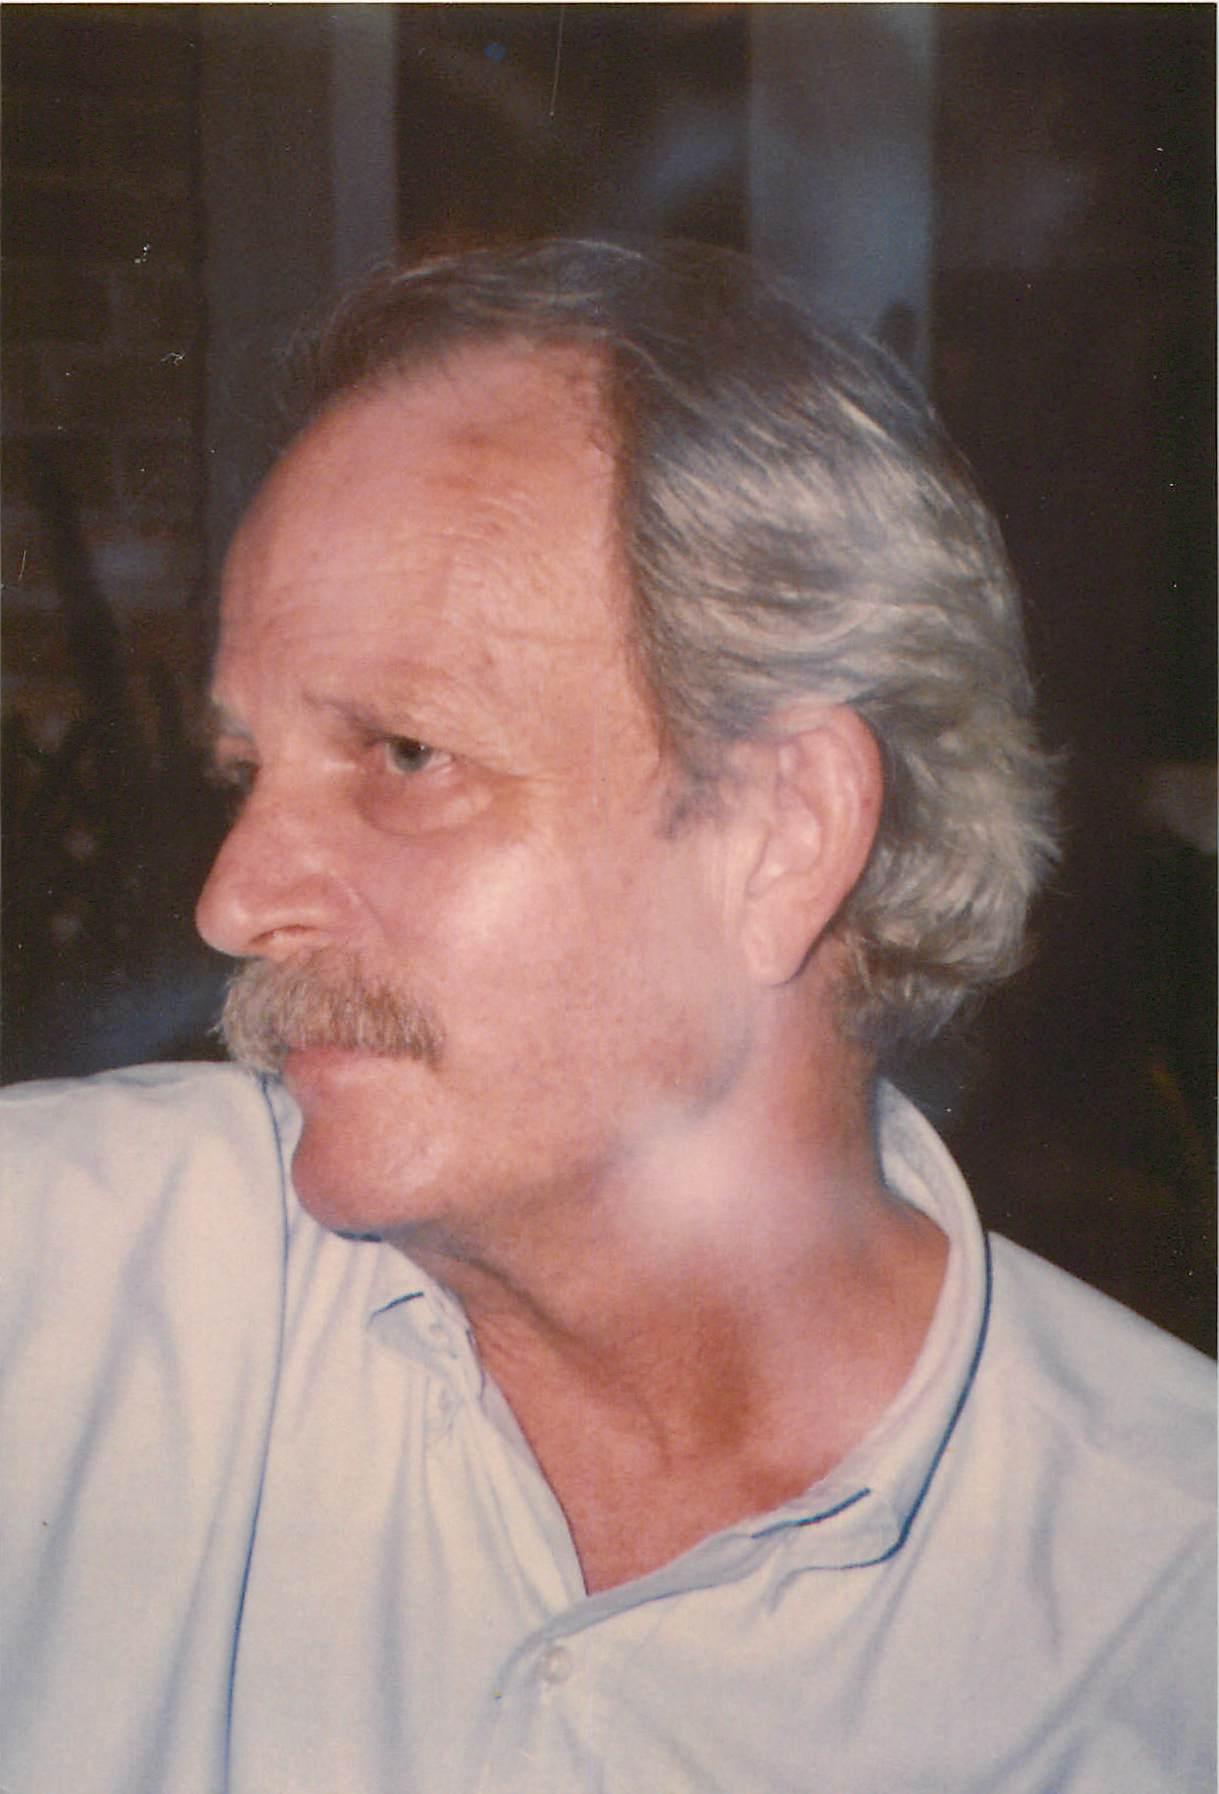 Tindall, Gerald A